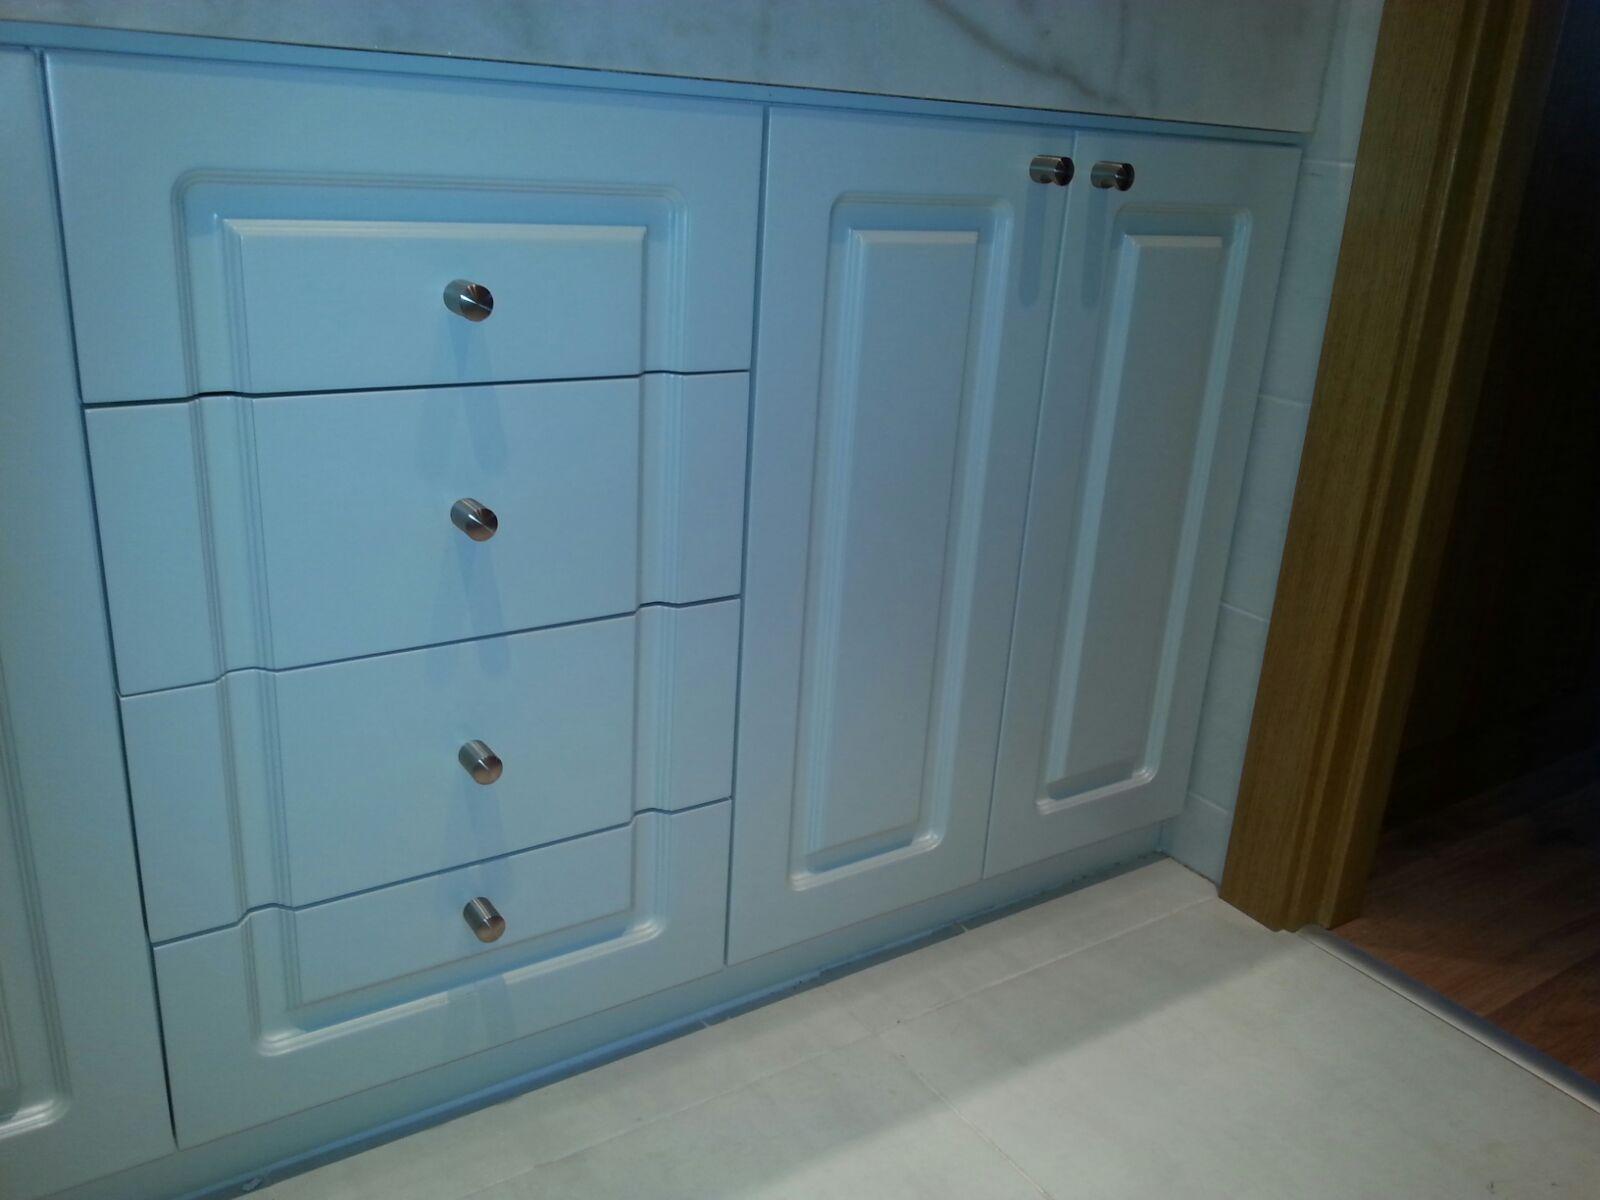 Puertas De Baño A Medida:Muebles de baño a medida lacados en Puertas Miansa